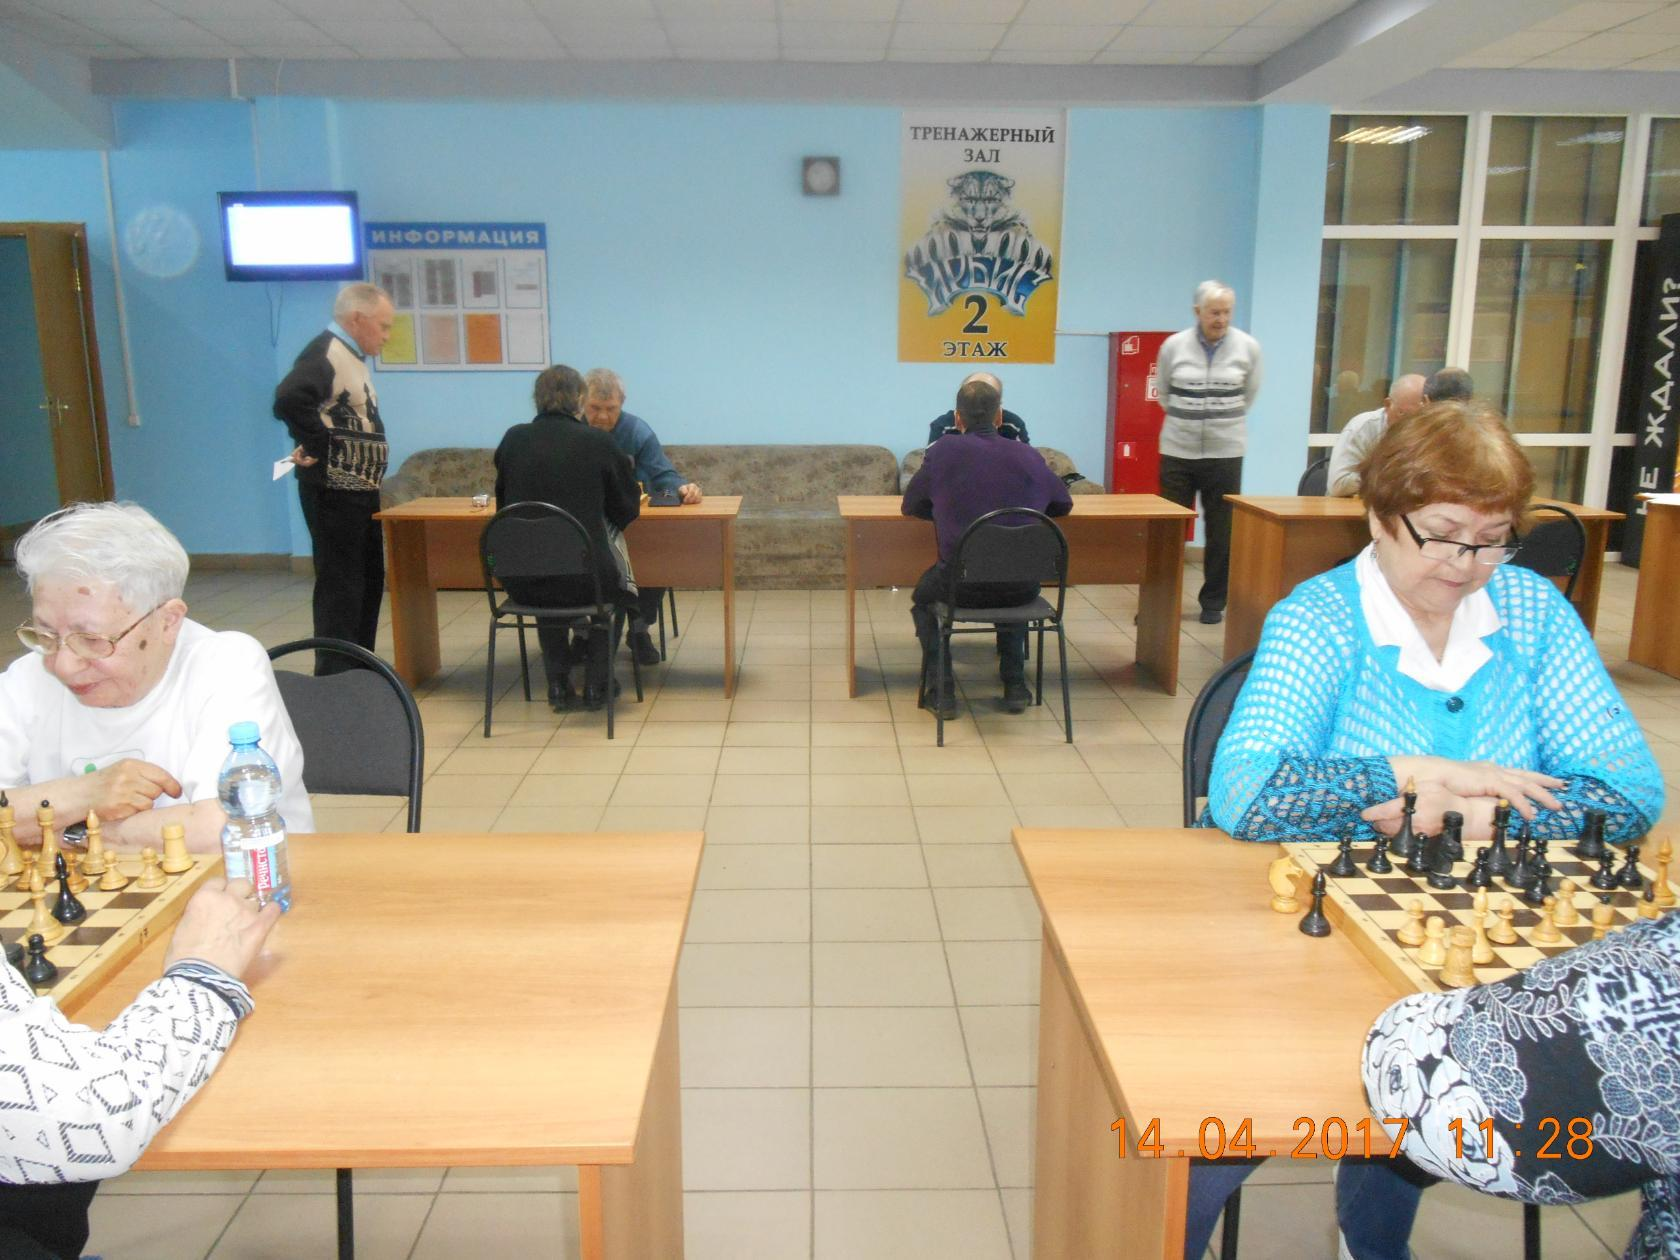 в Кулебаках состоялся шахматный турнир среди ветеранских организаций города. 1 место - команда ВОИ